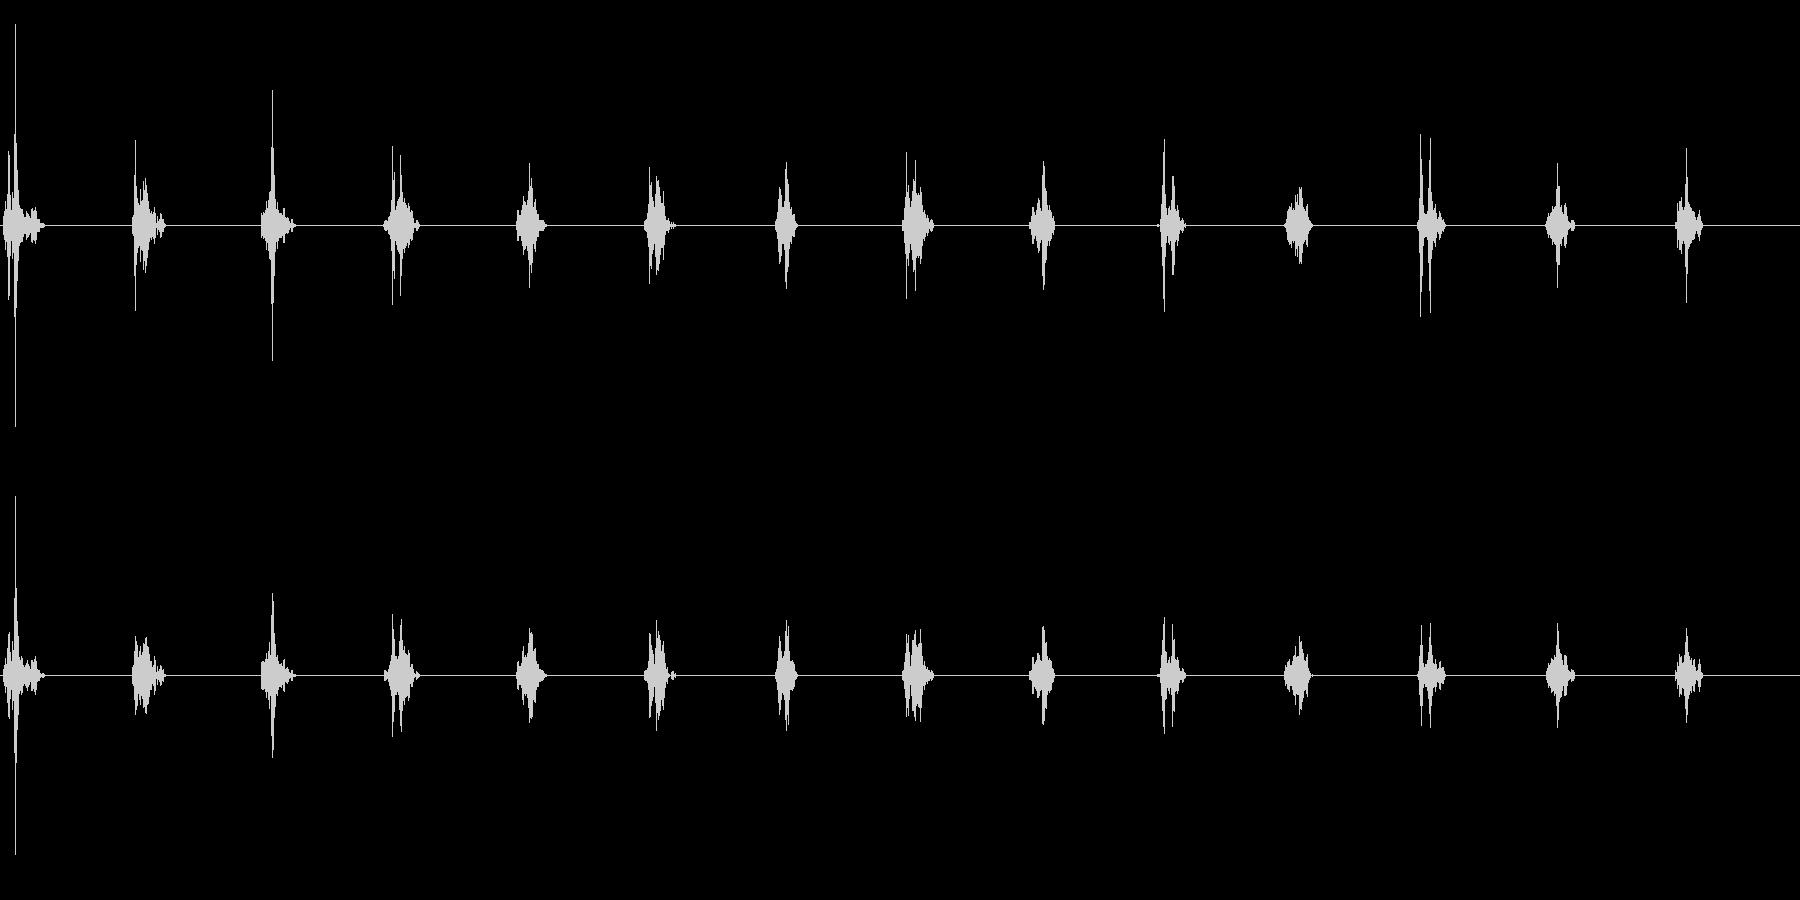 時計の針がカチカチ(木製時計)の未再生の波形